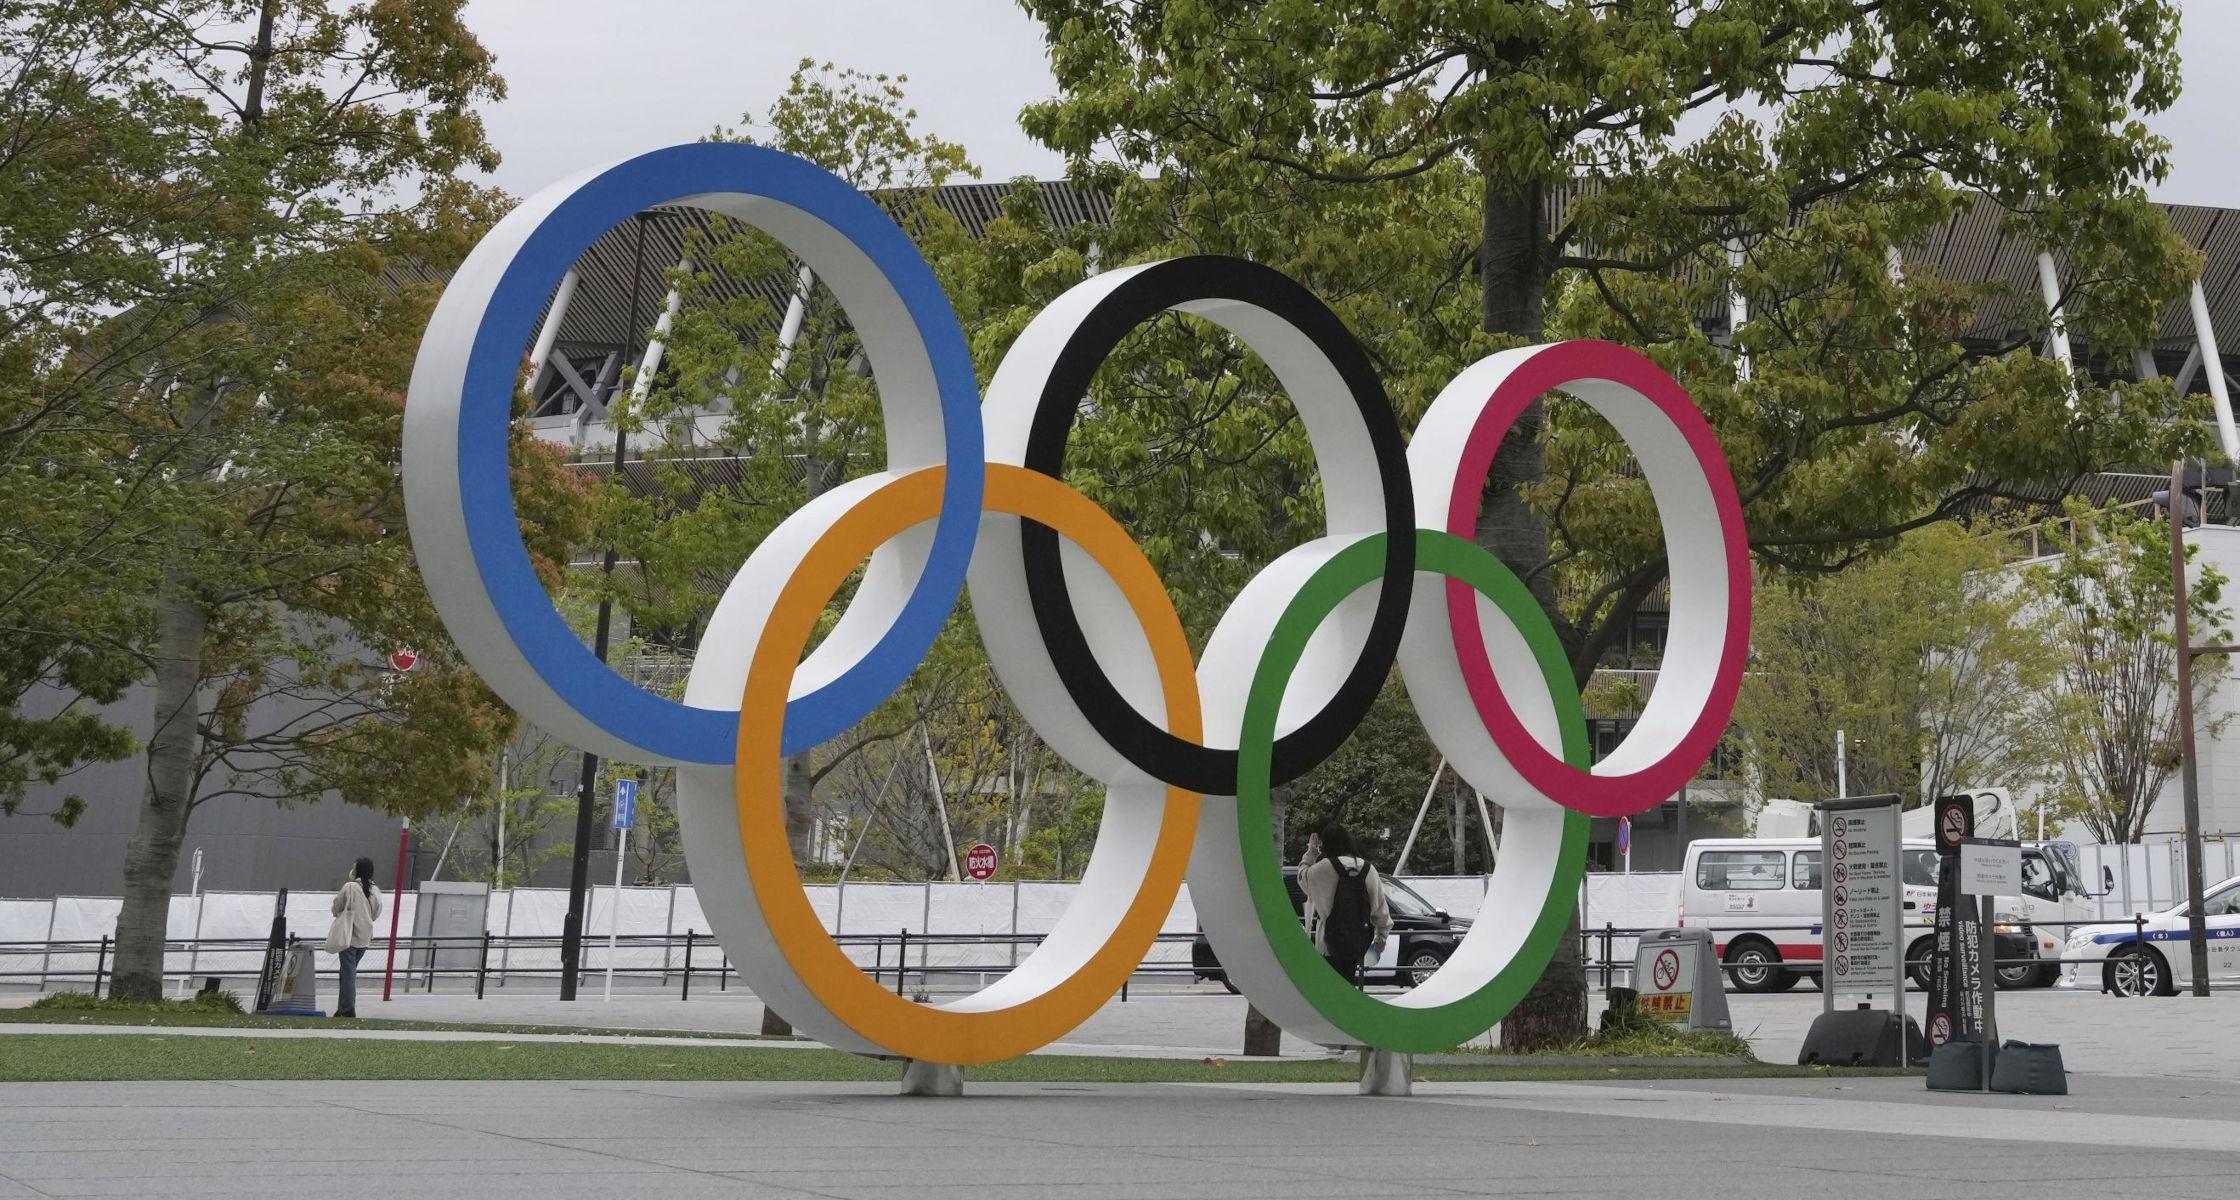 Wissenschaftler Halten Olympische Spiele Im Sommer Fur Problematisch